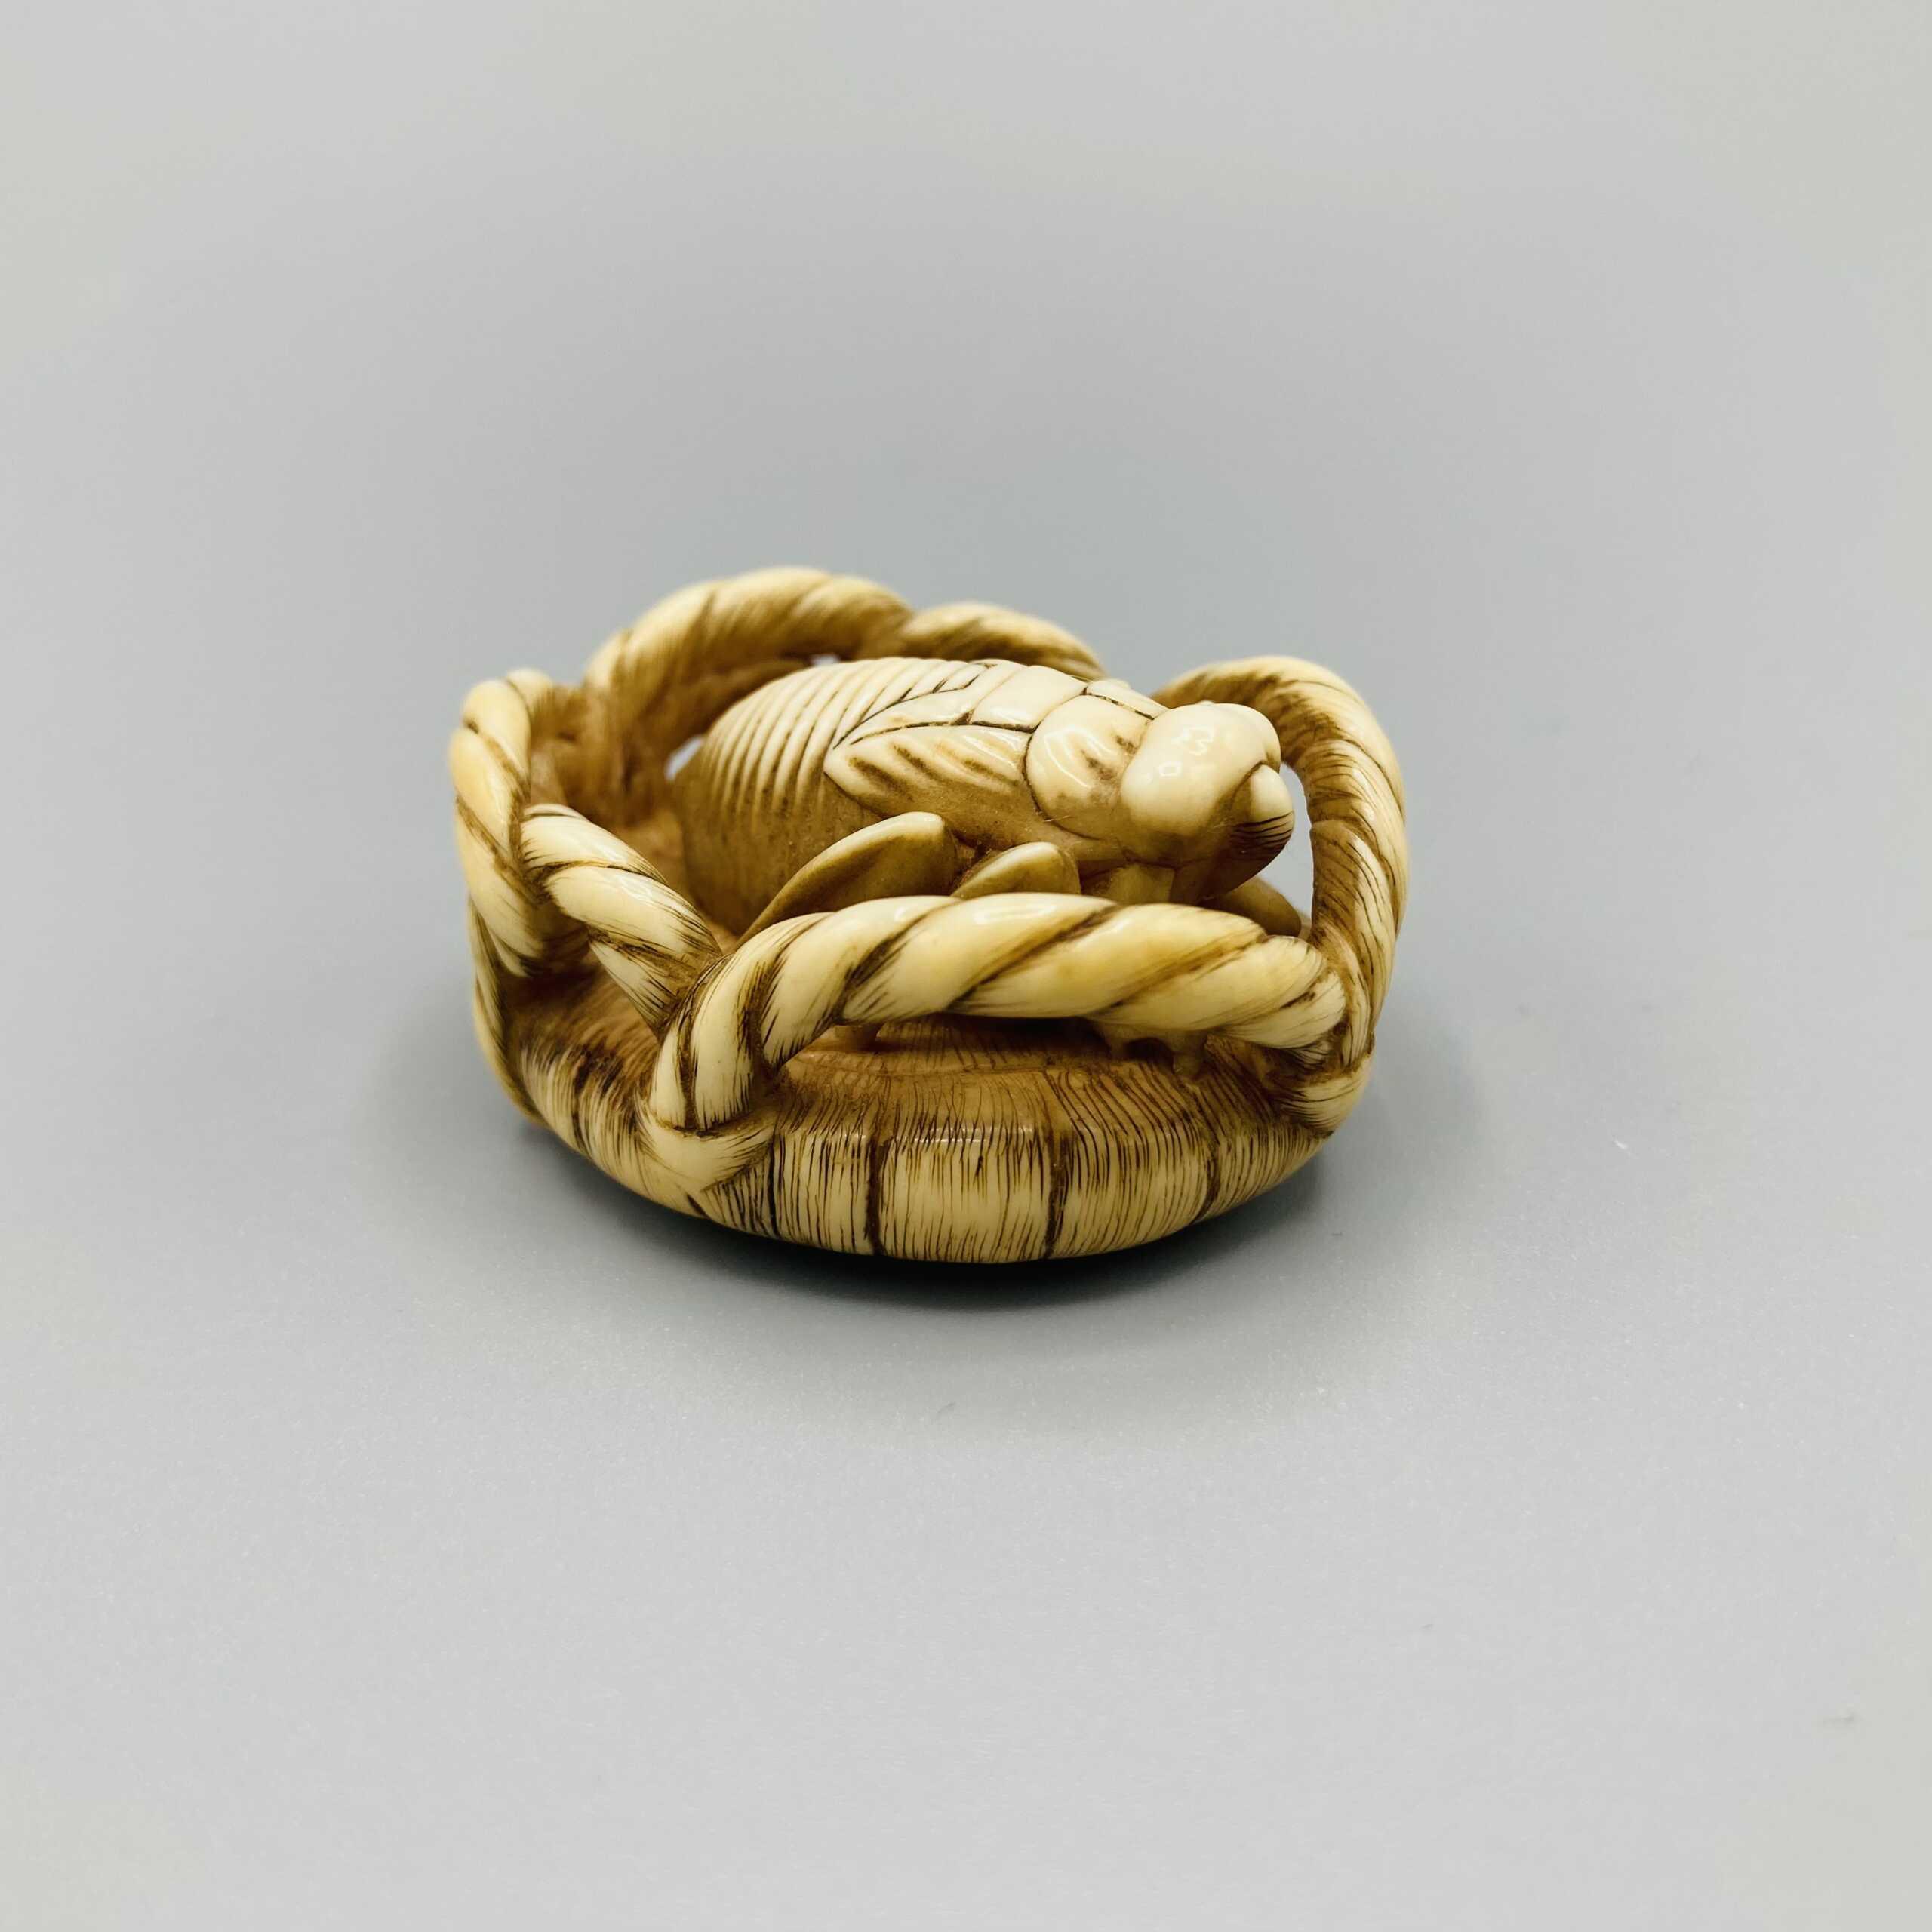 Homin ivory cicada 2